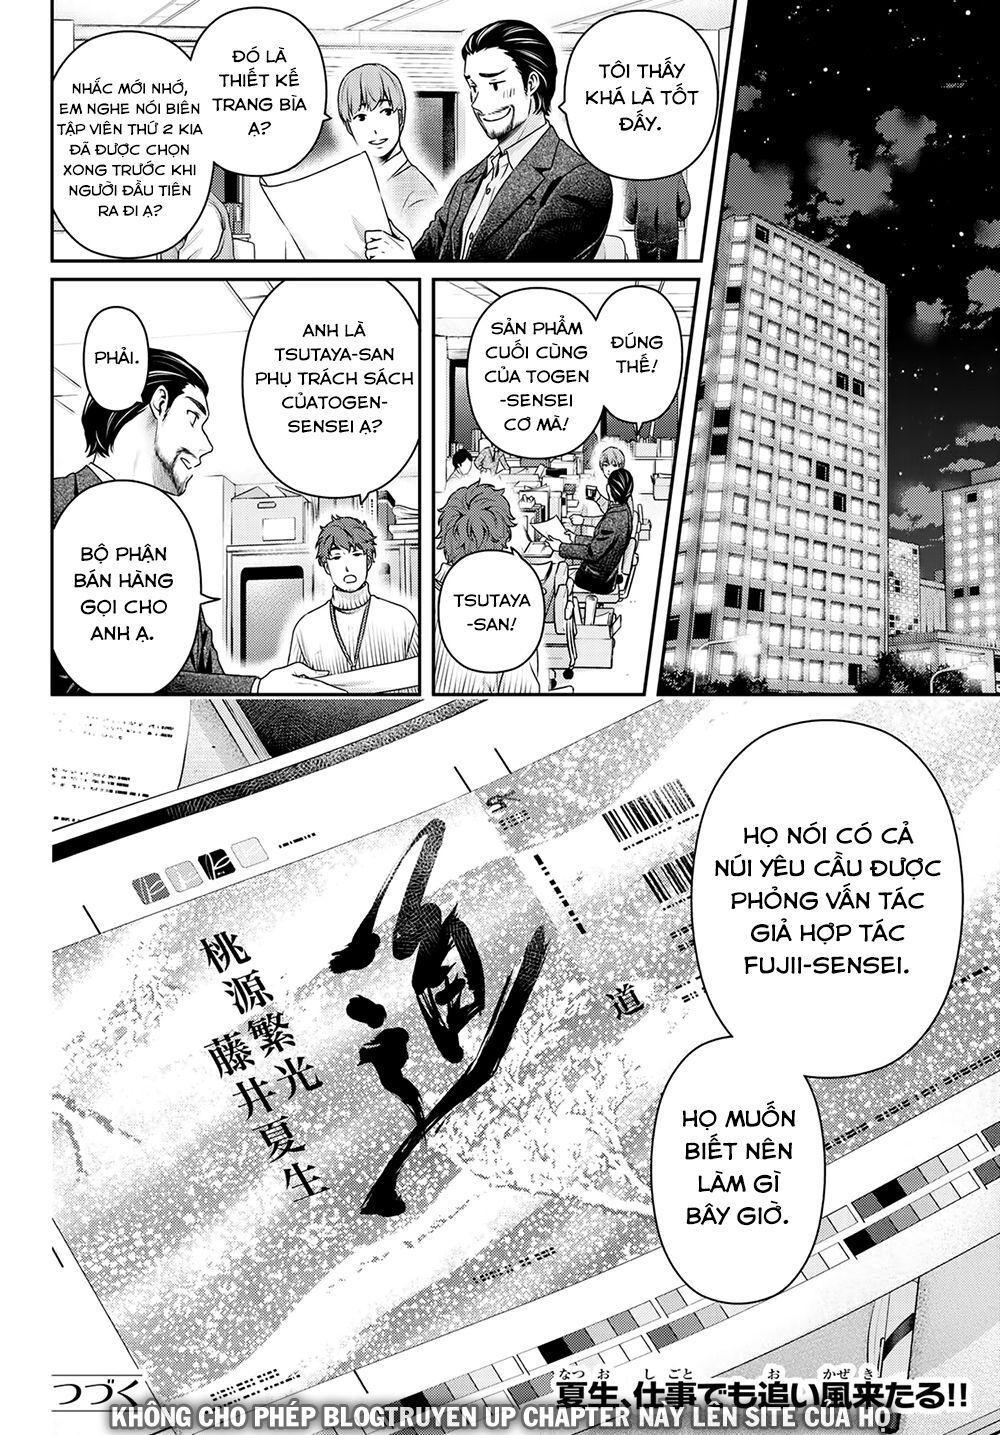 Domestic na Kanojo: Chapter 262: Xin phép được kết hôn